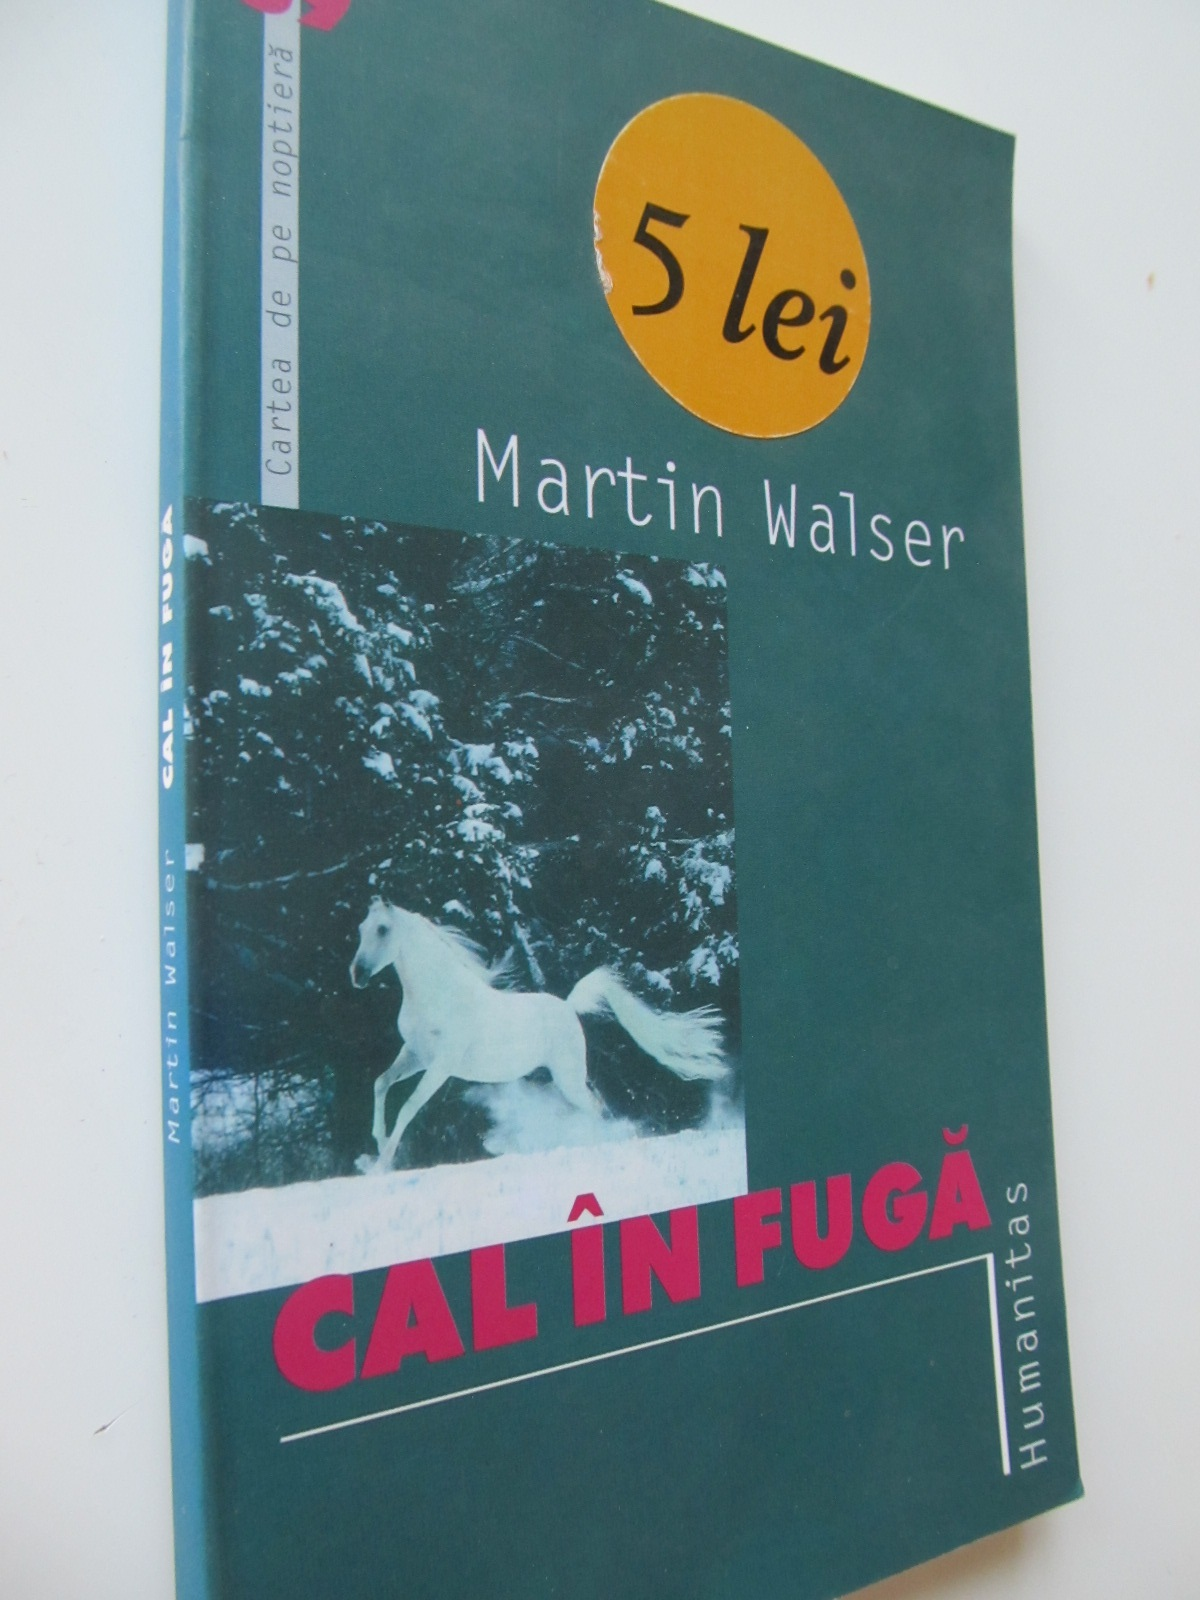 Carte Cal in fuga - Martin Walser